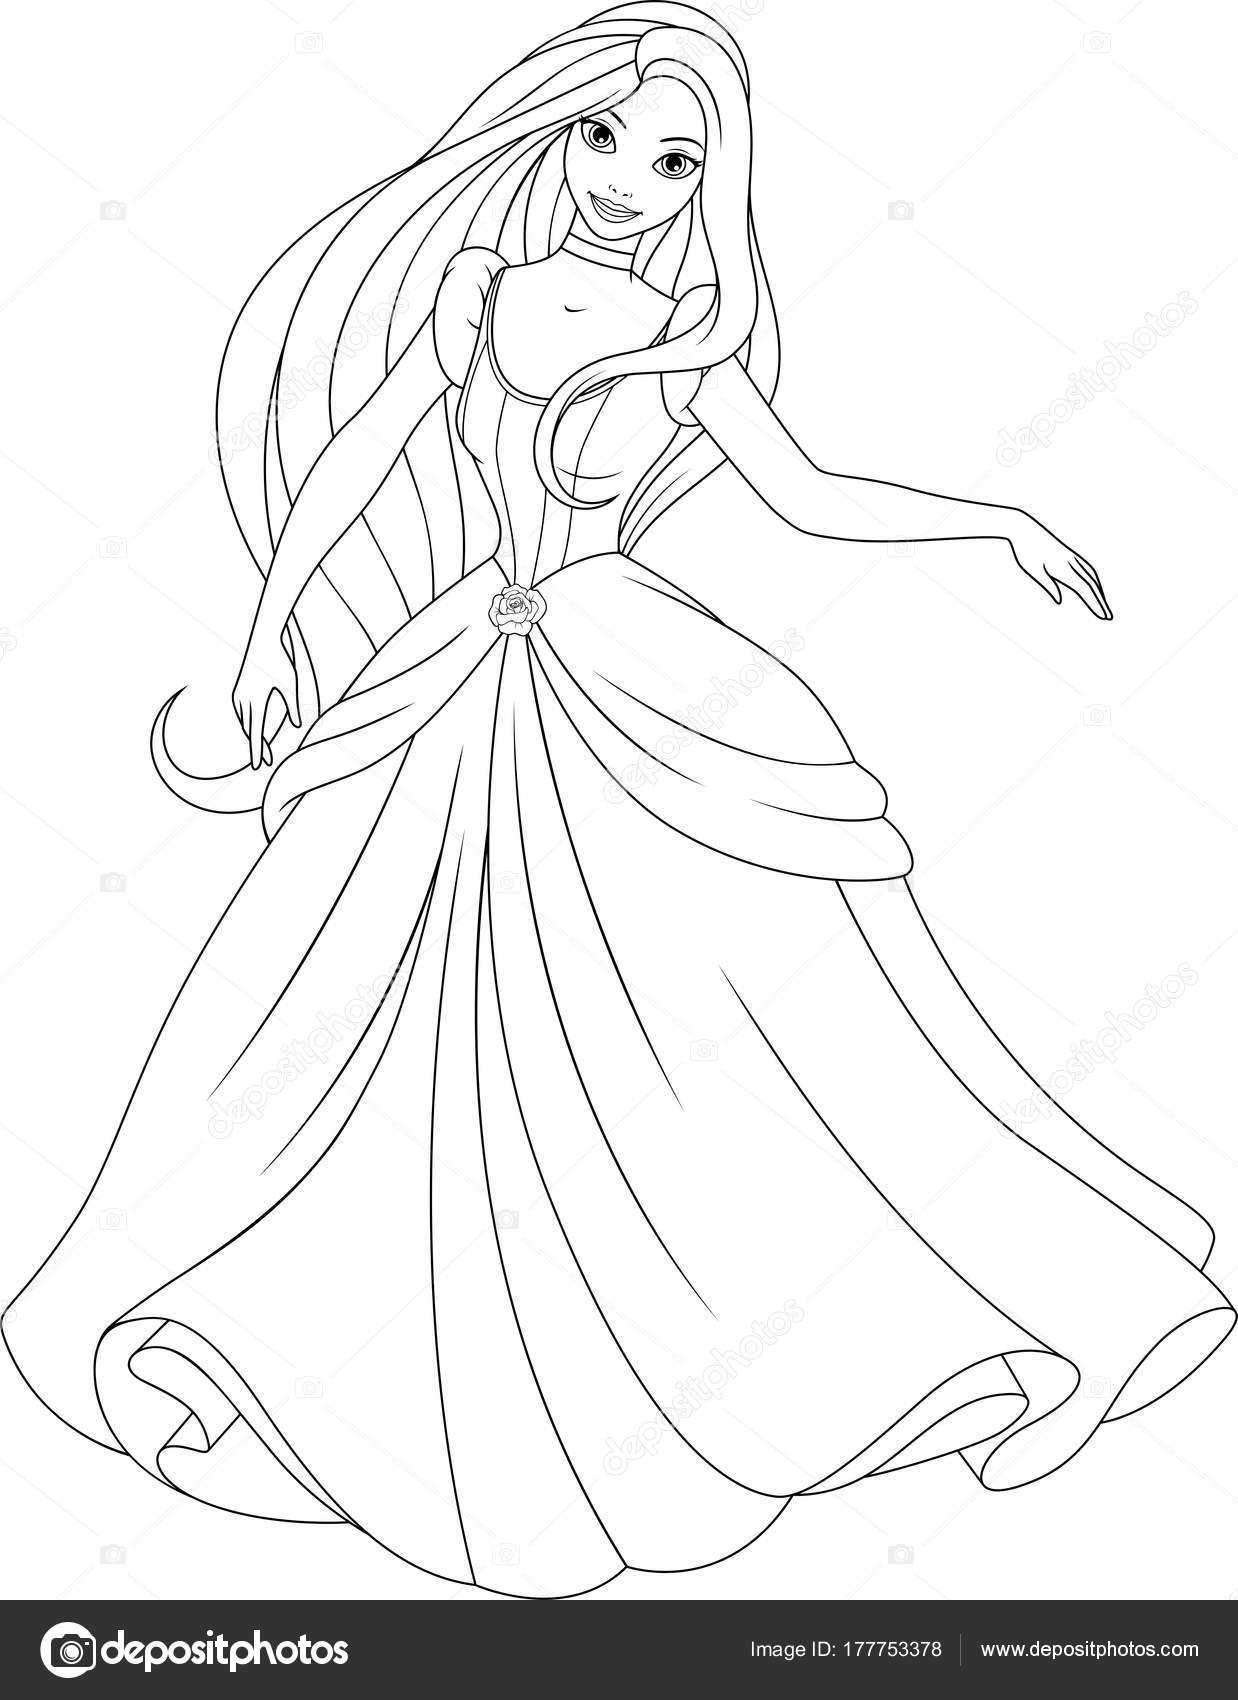 Kleurplaten Over Prinsessen.De Mooie Prinses Kleurplaten Stockvector C Andrey Makurin 177753378